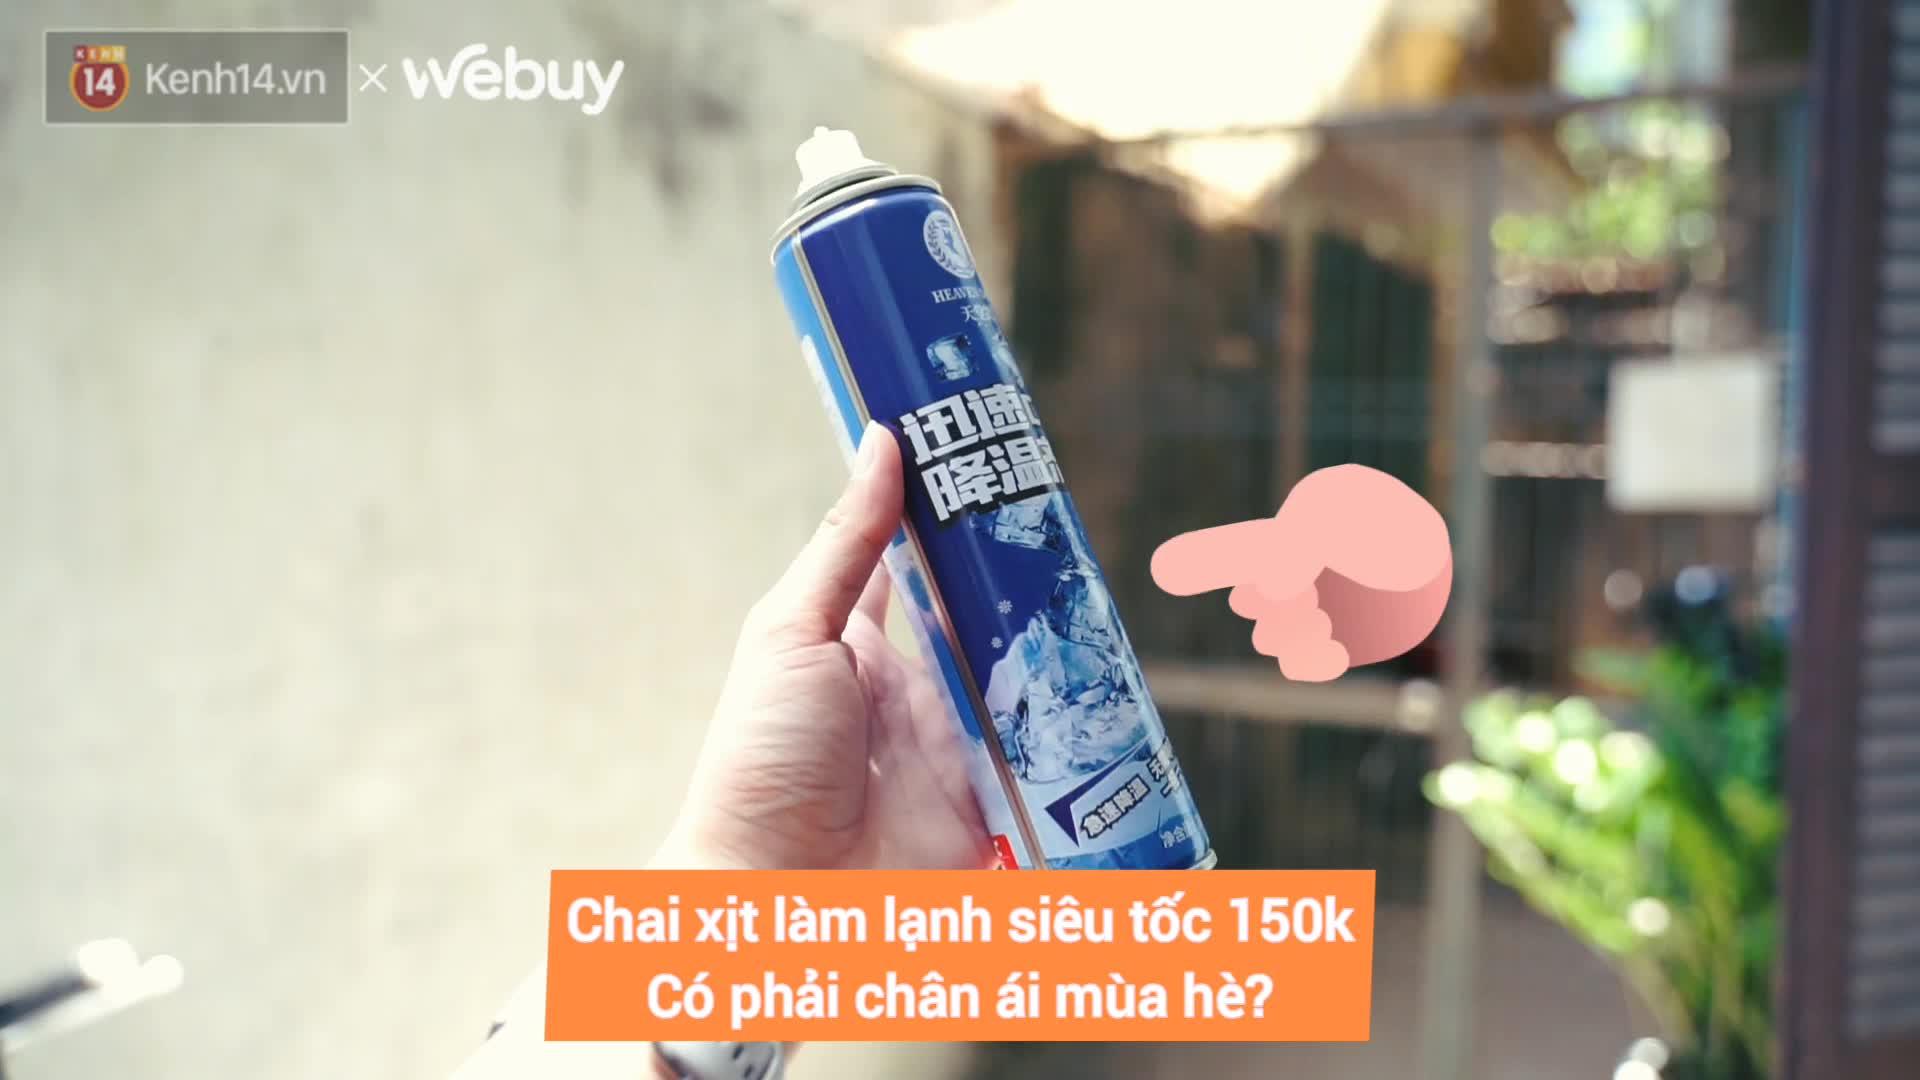 """Trời quá nóng, mình dùng thử xịt làm lạnh siêu tốc hàng nội địa Trung xem có """"xi nhê"""" như dân mạng bảo không?"""